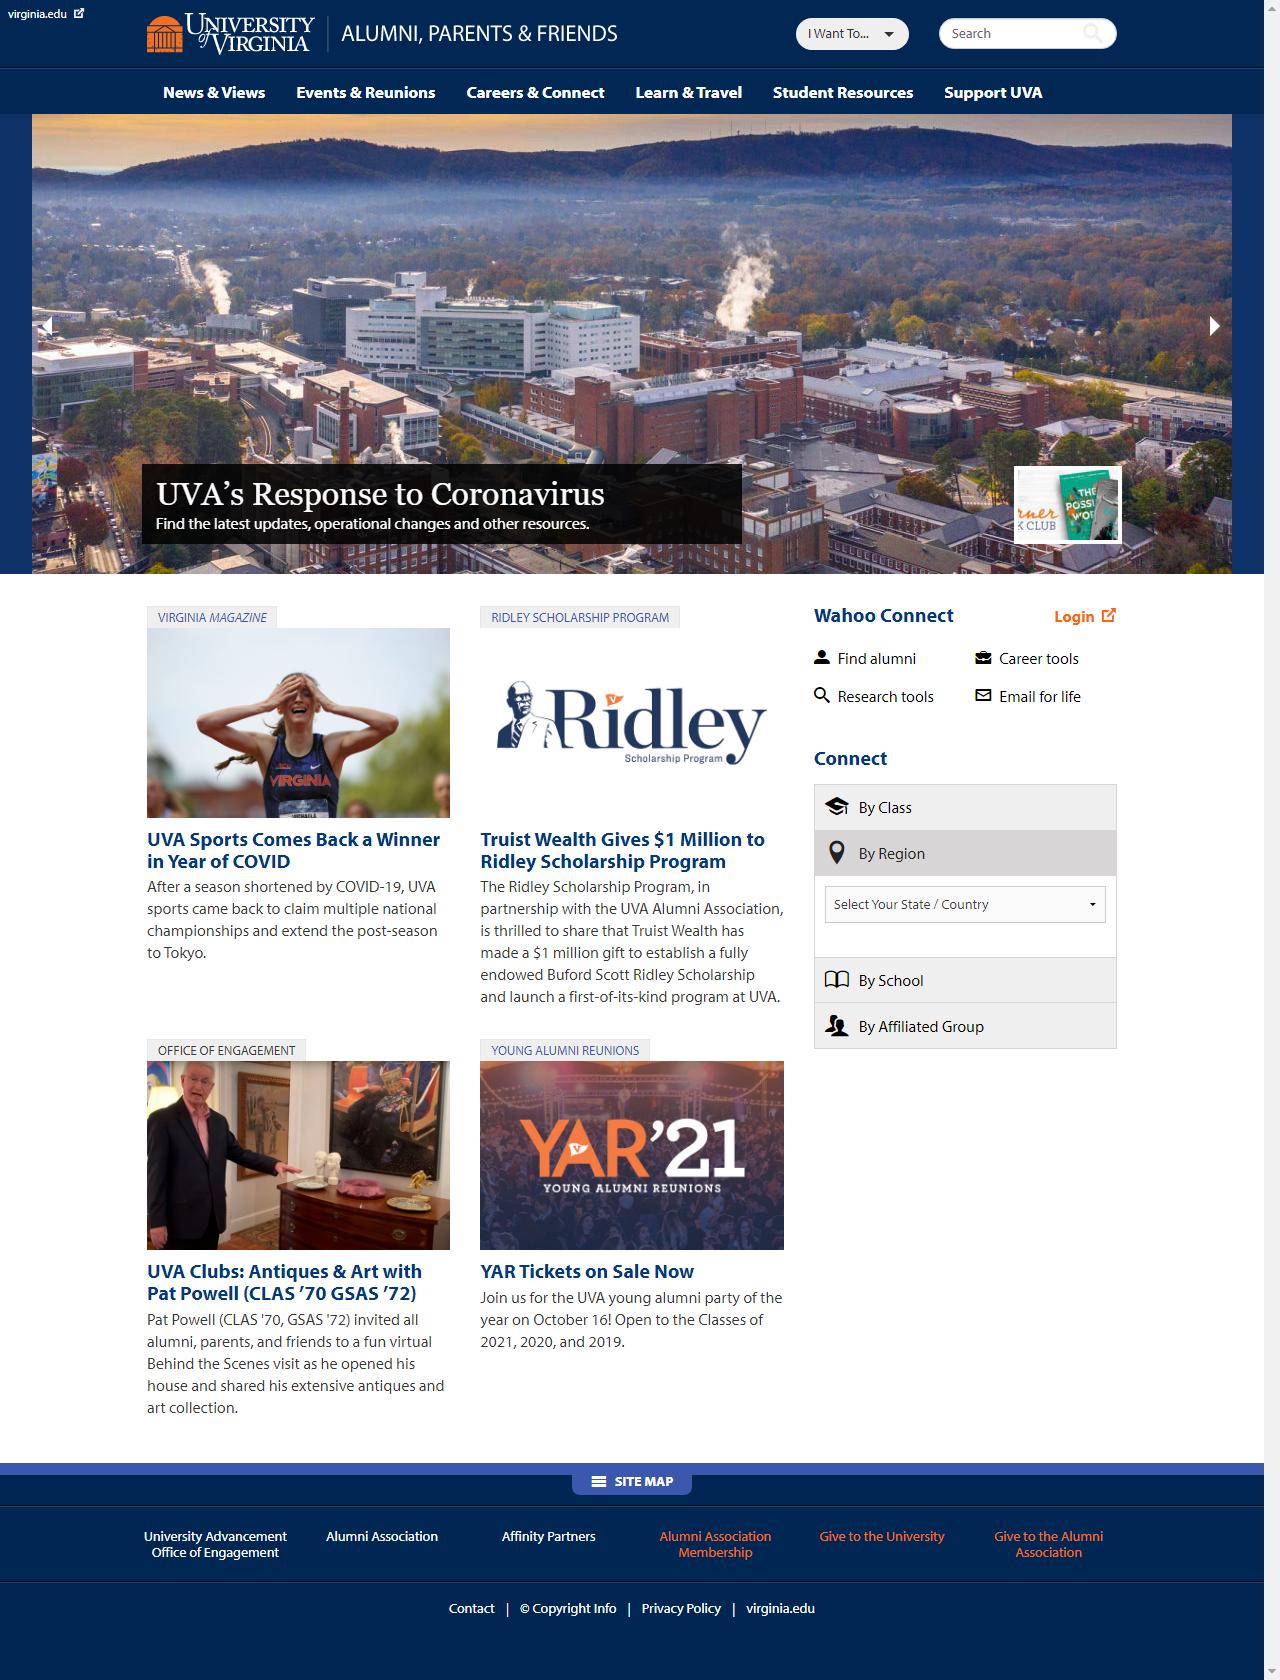 Screenshot Desktop - https://alumni.virginia.edu/